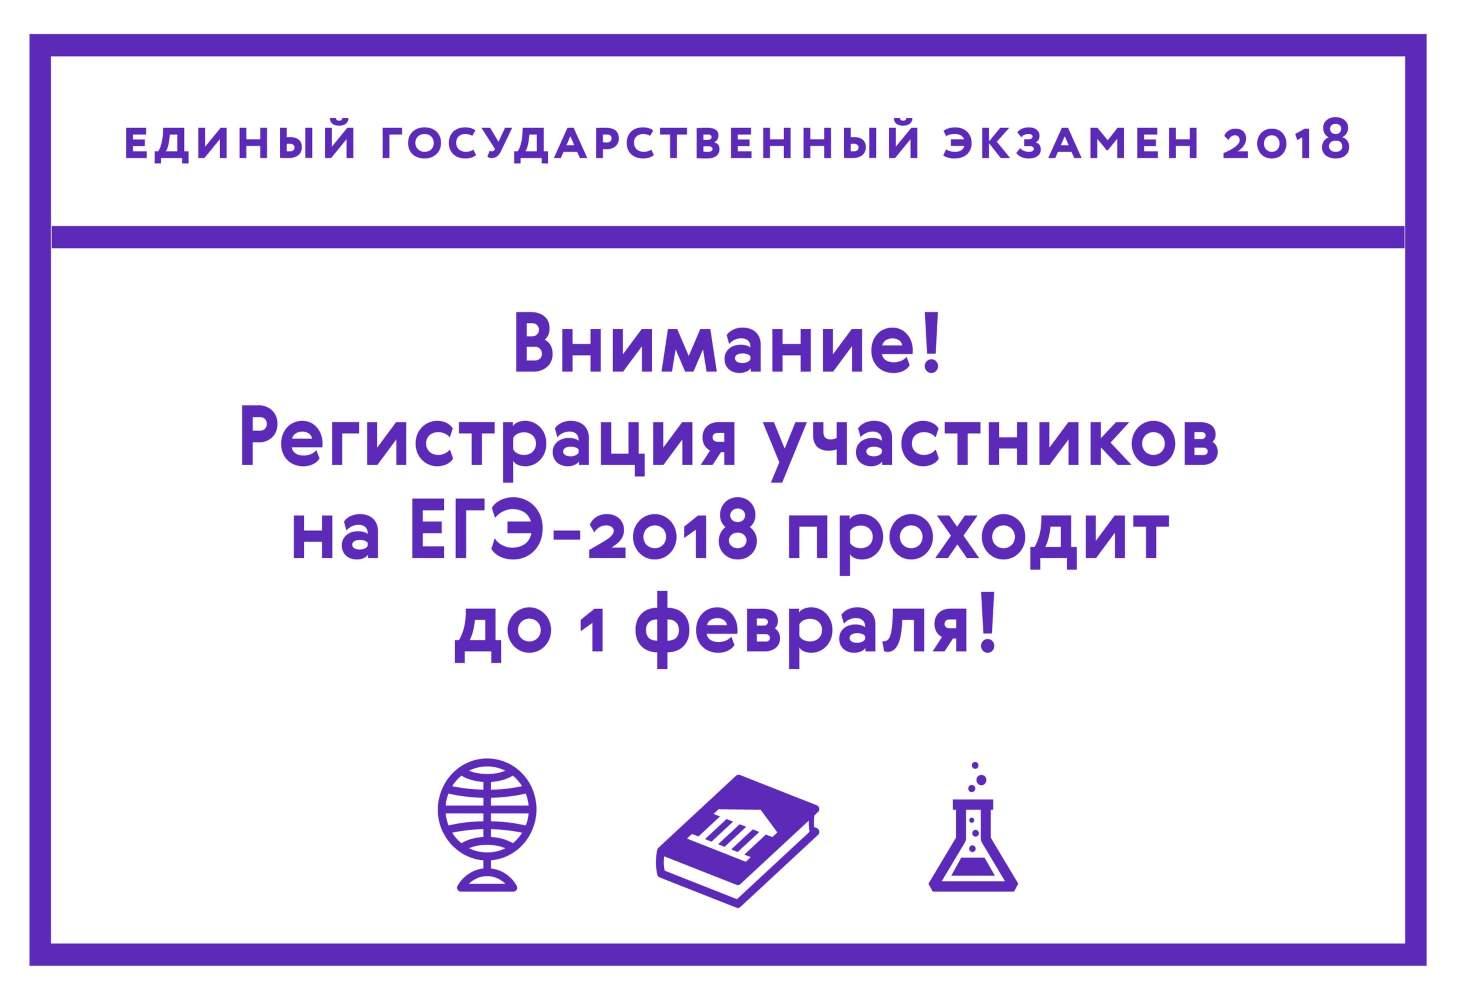 rosobrnadzor-zayavleniya-na-uchastie-v-ege-2018-dolzhny-byt-podany-do-1-feb